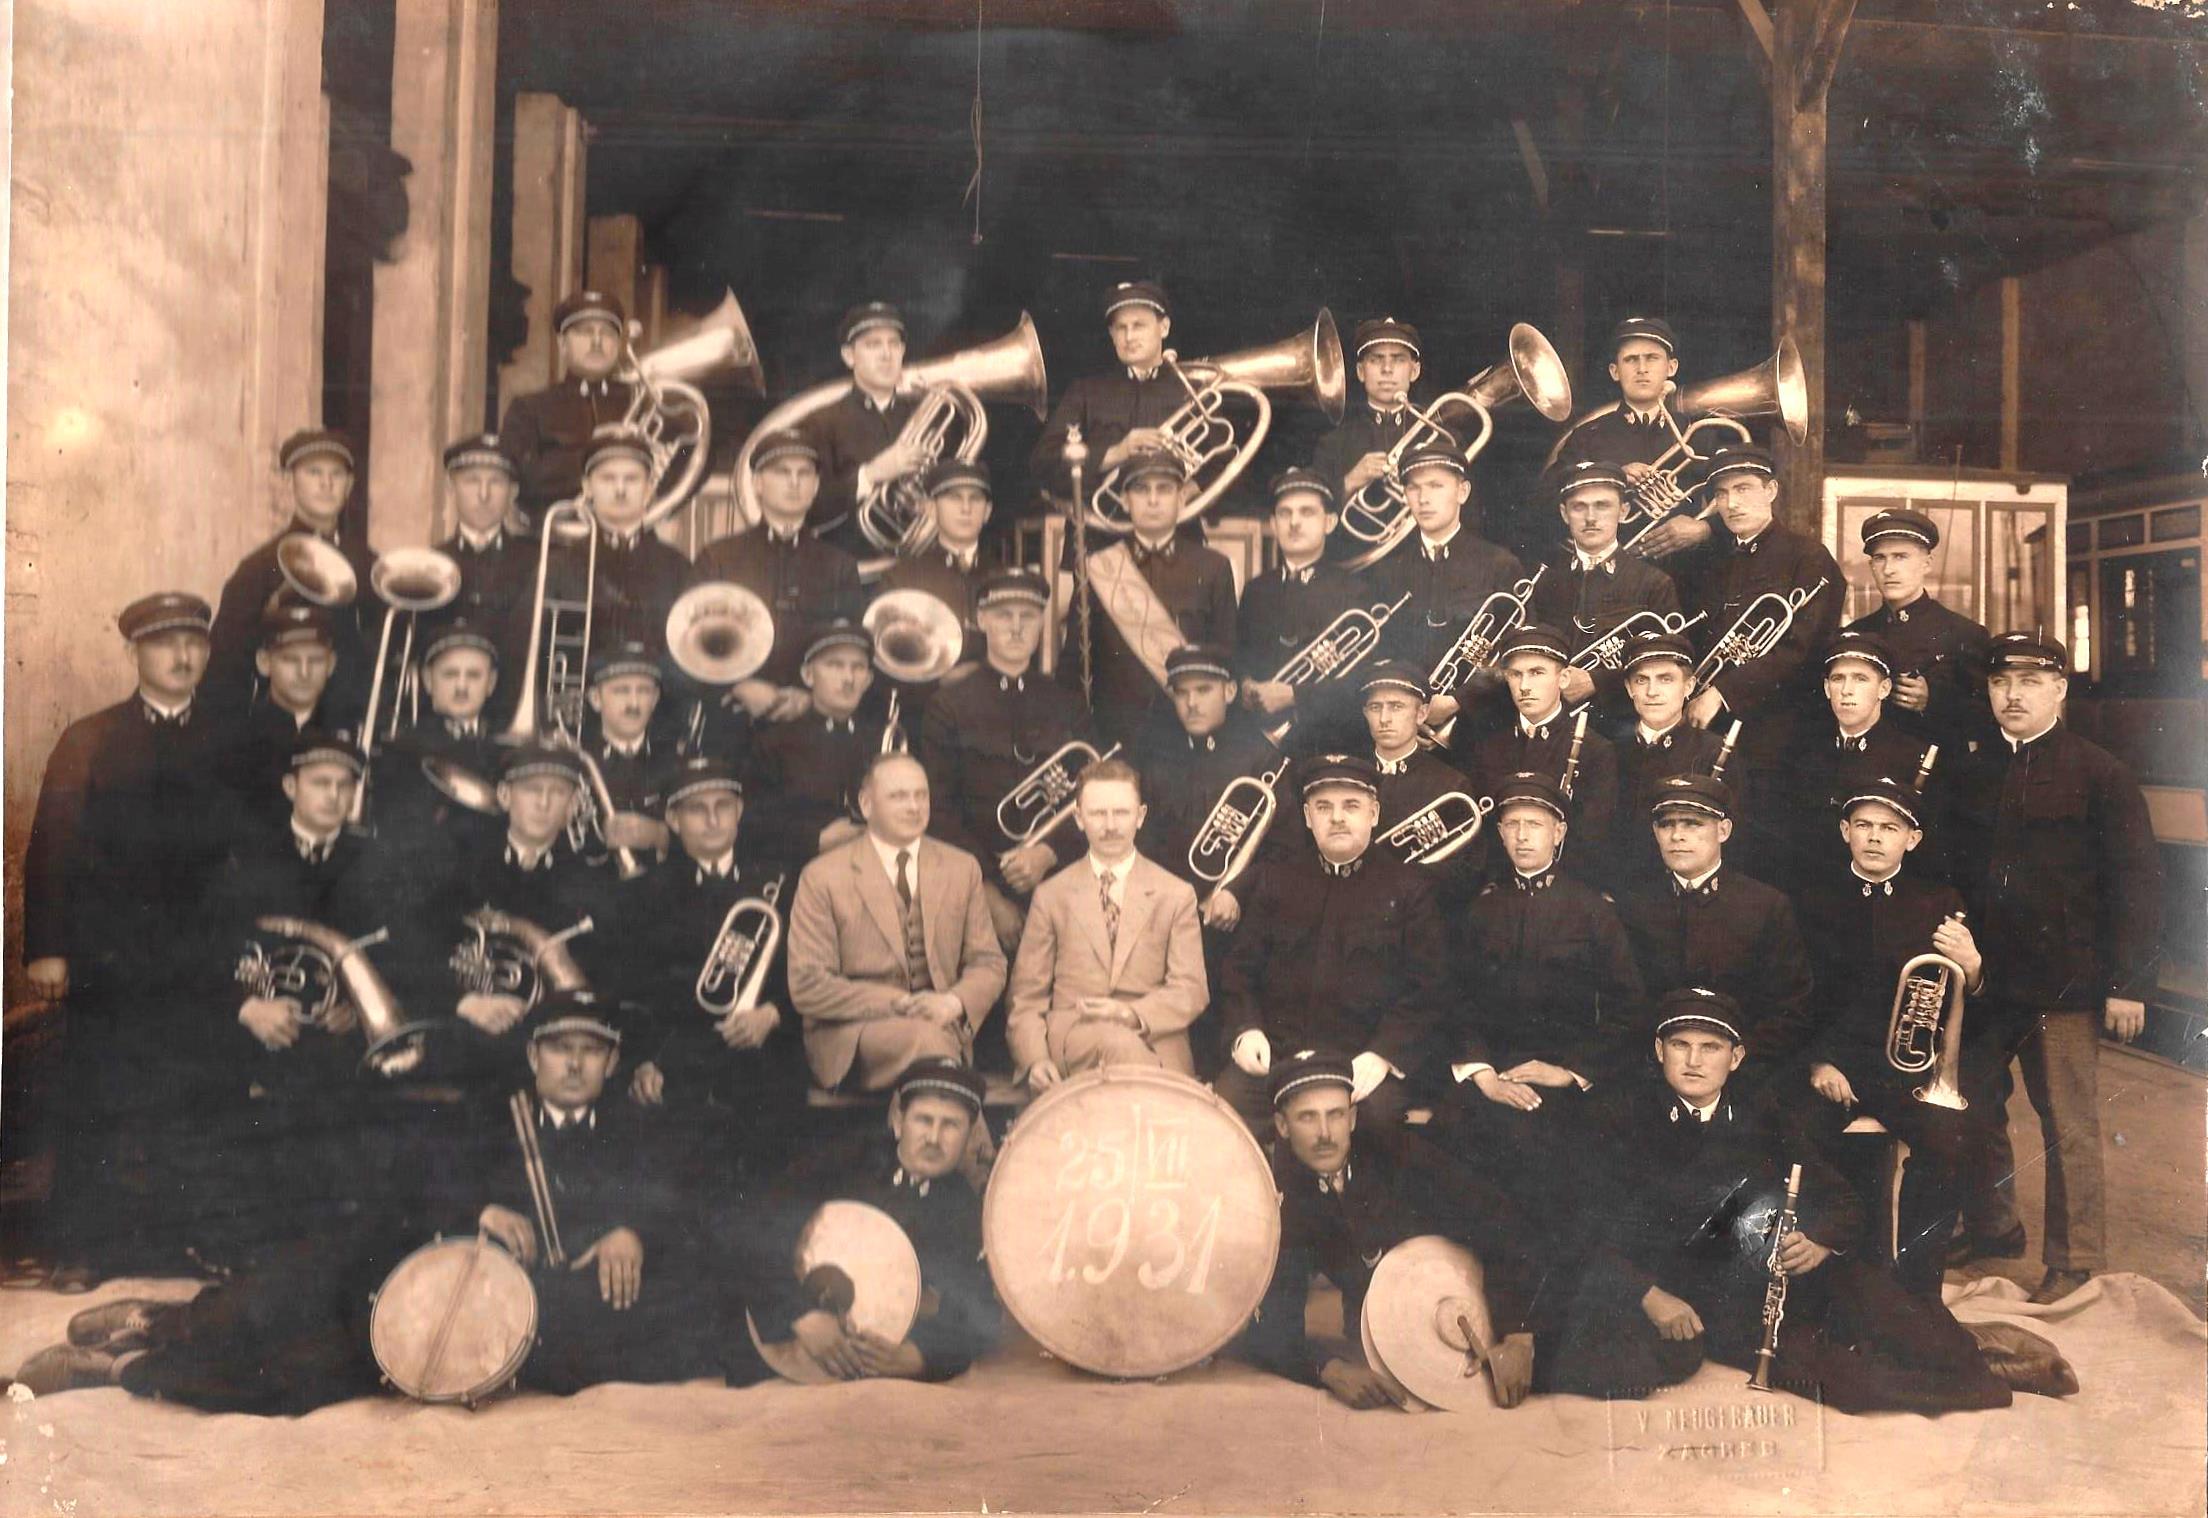 Tramvajska glazba, u sredini ing. Košak, ravnatelj ZET-a, snimljeno 25.07.1931. [ZO 1931.]